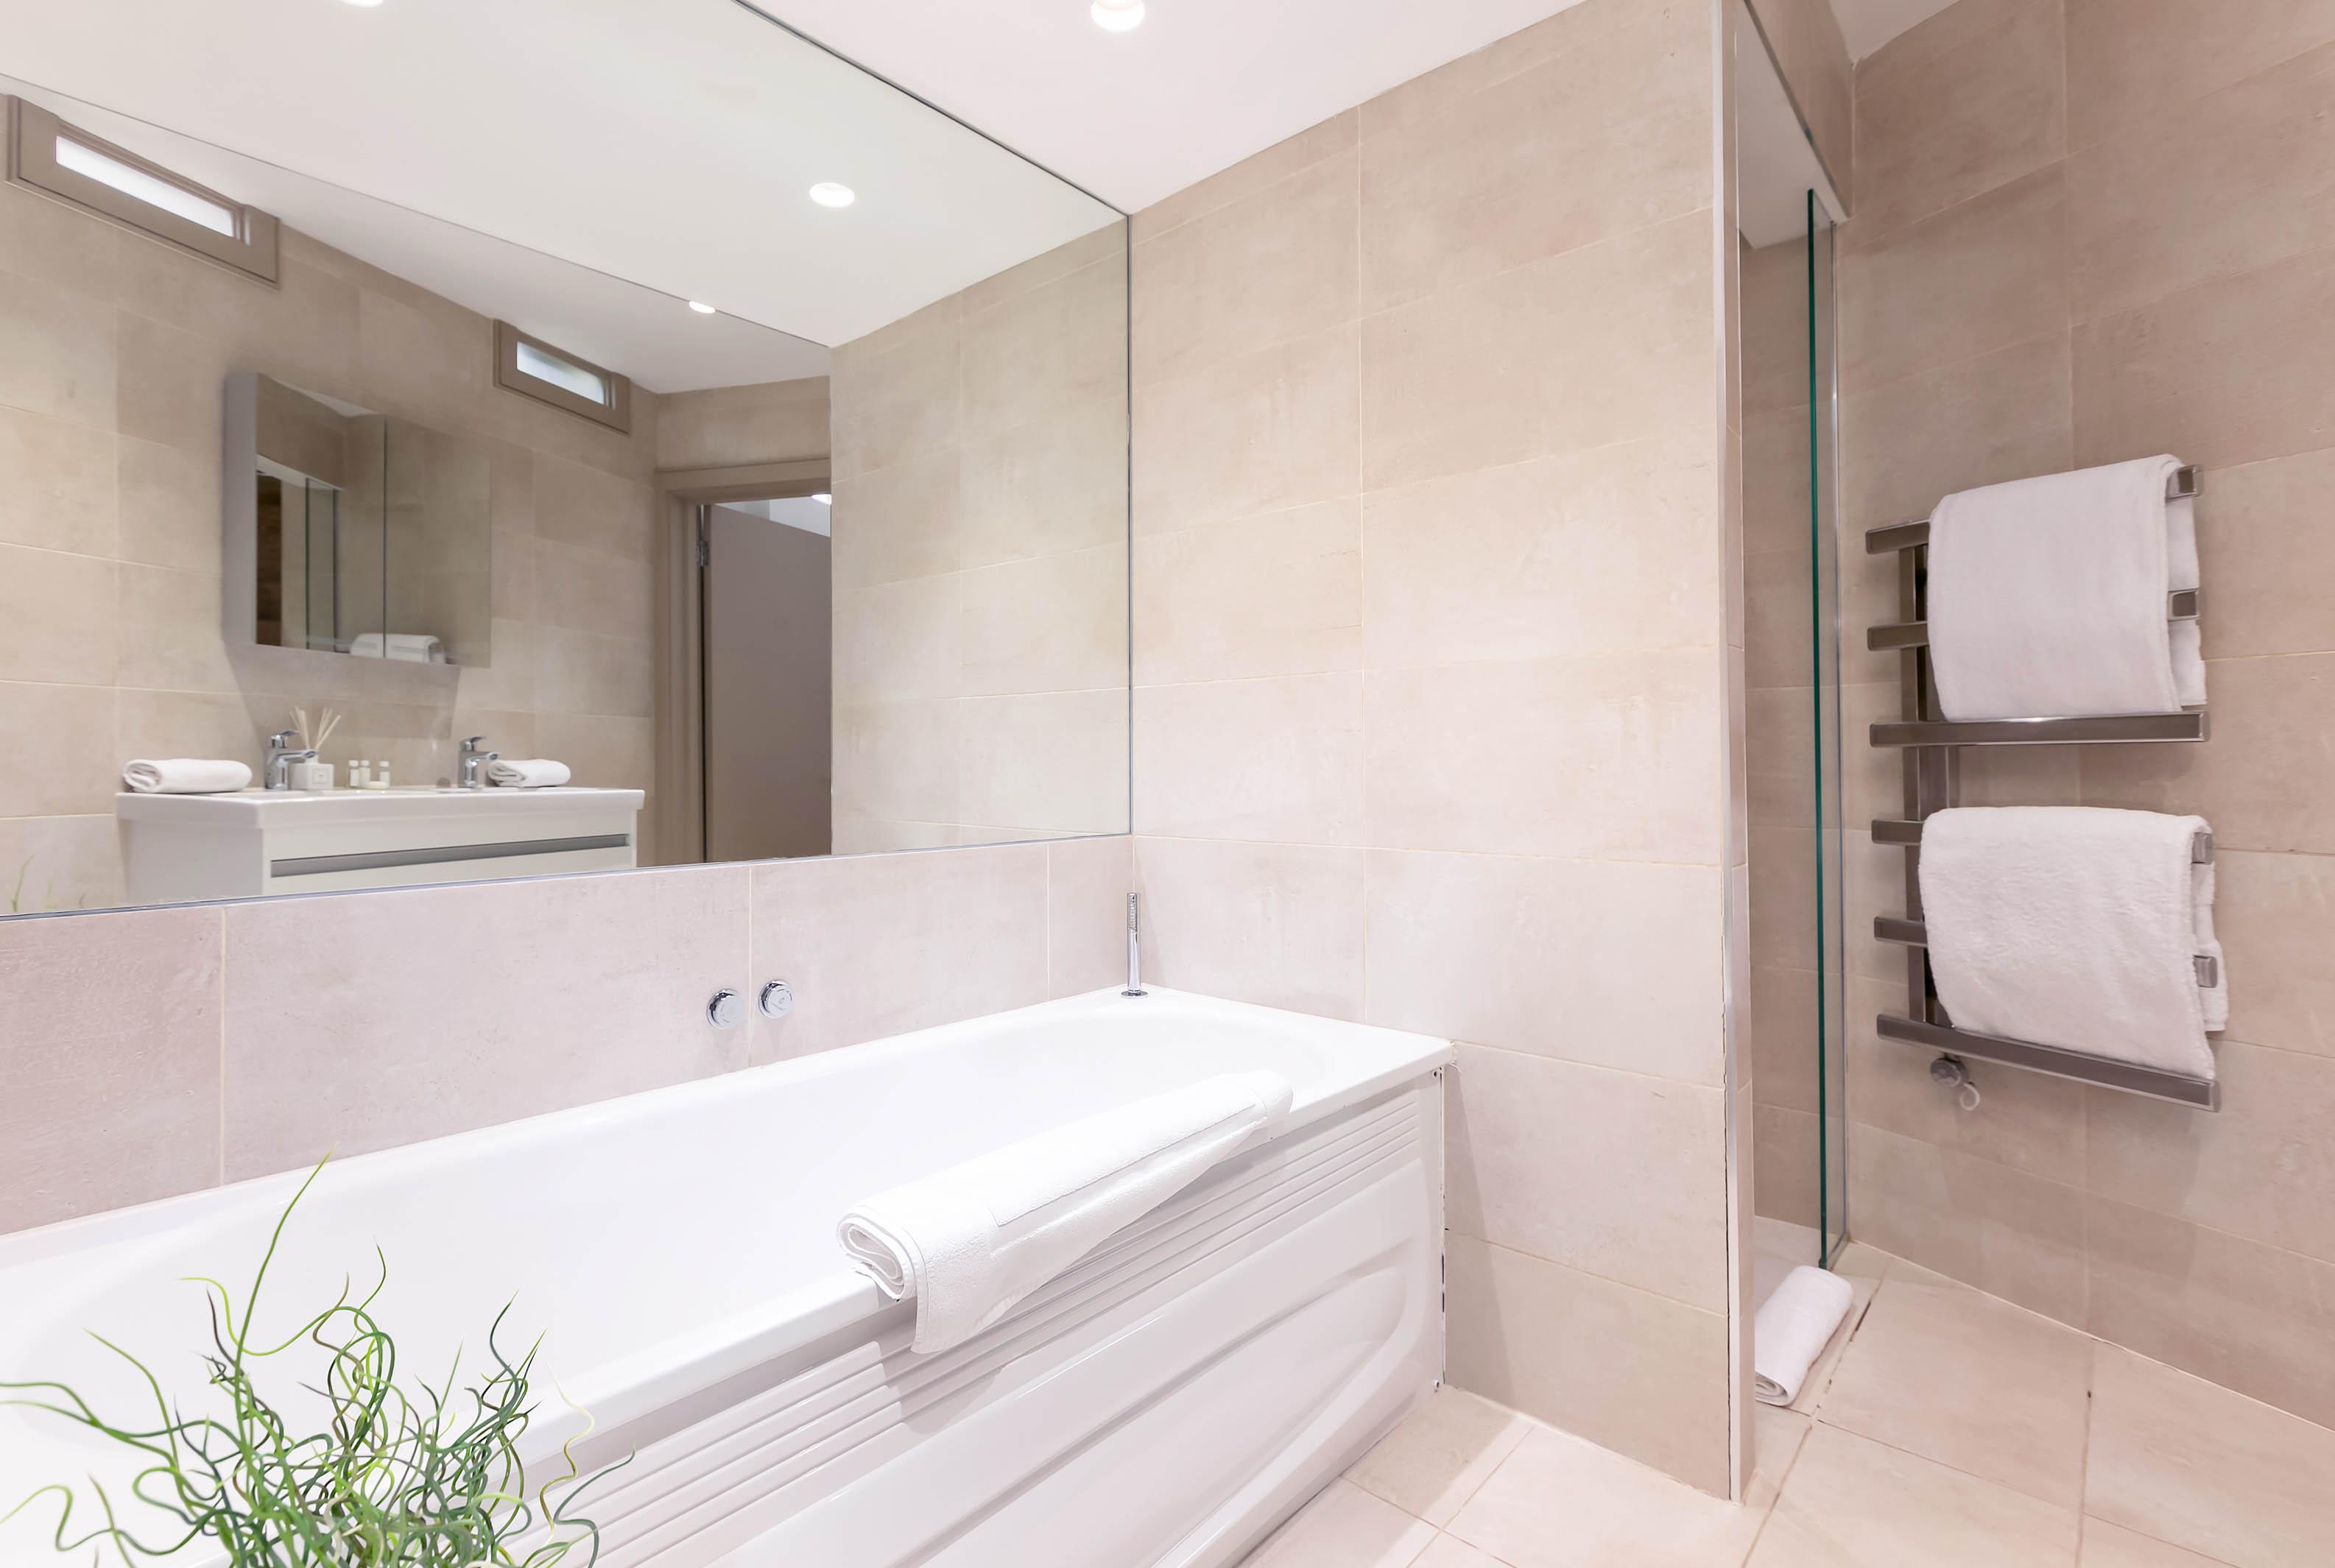 Lovelydays luxury service apartment rental - London - Fitzrovia - Wells Mews B - Lovelysuite - 2 bedrooms - 2 bathrooms - Beautiful bathtub - 1665bad4a404 - Lovelydays